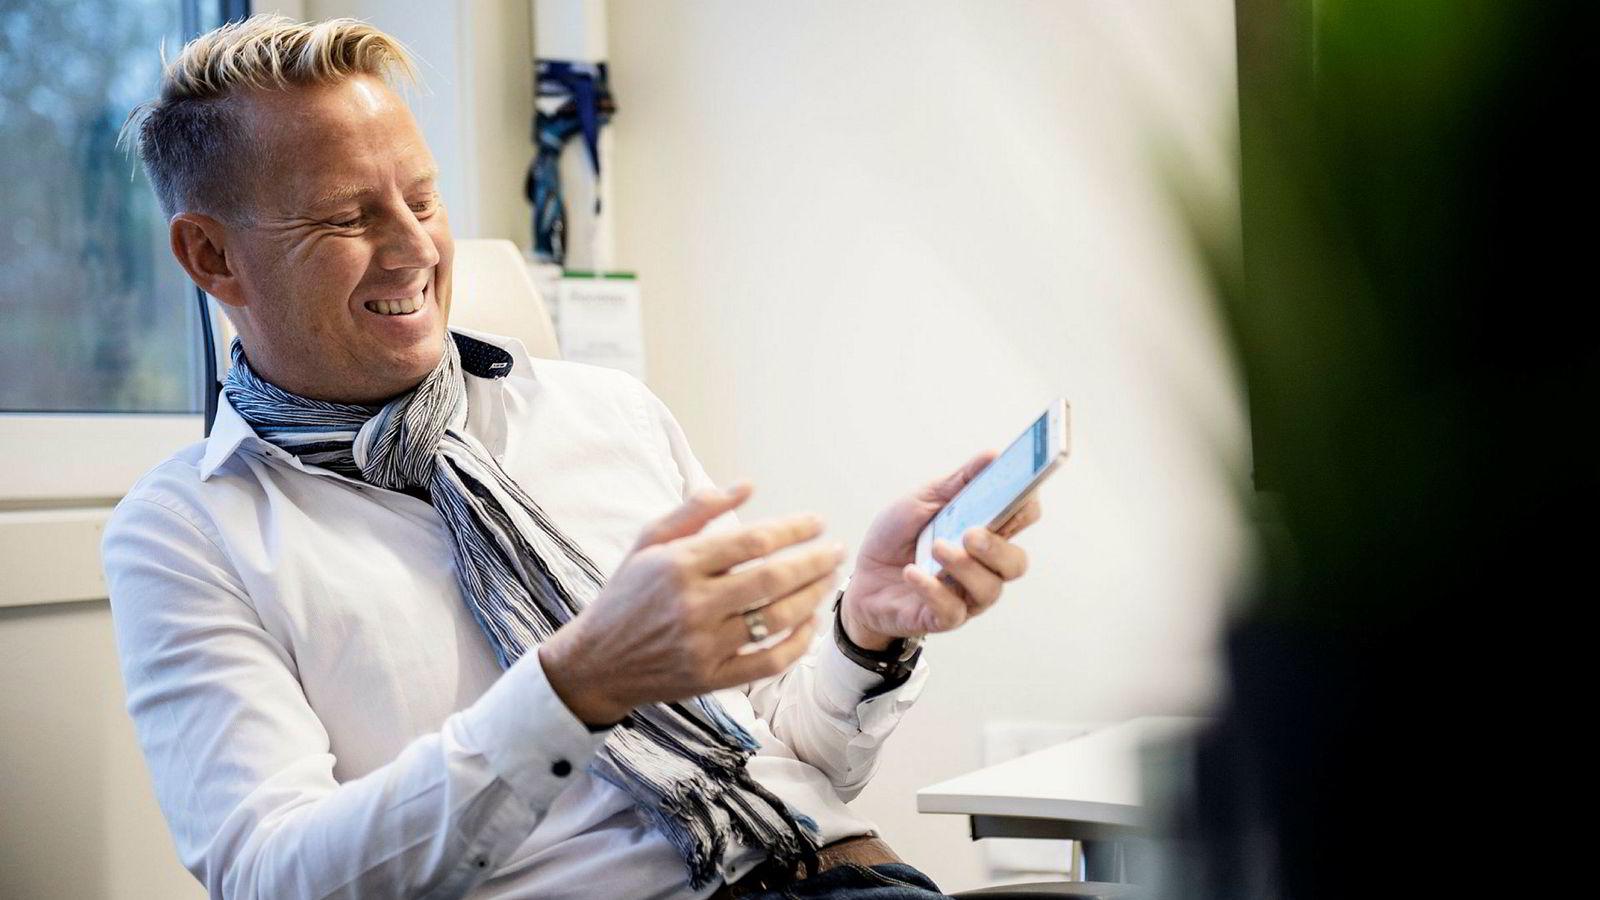 Jens Glasø har siden kollapsen i kompisbanken Trustbuddy investert flere titall millioner i mobilbetaling i utviklingsland. Nå er han på jakt etter oppimot 200 millioner kroner til å fullfinansiere satsingen.